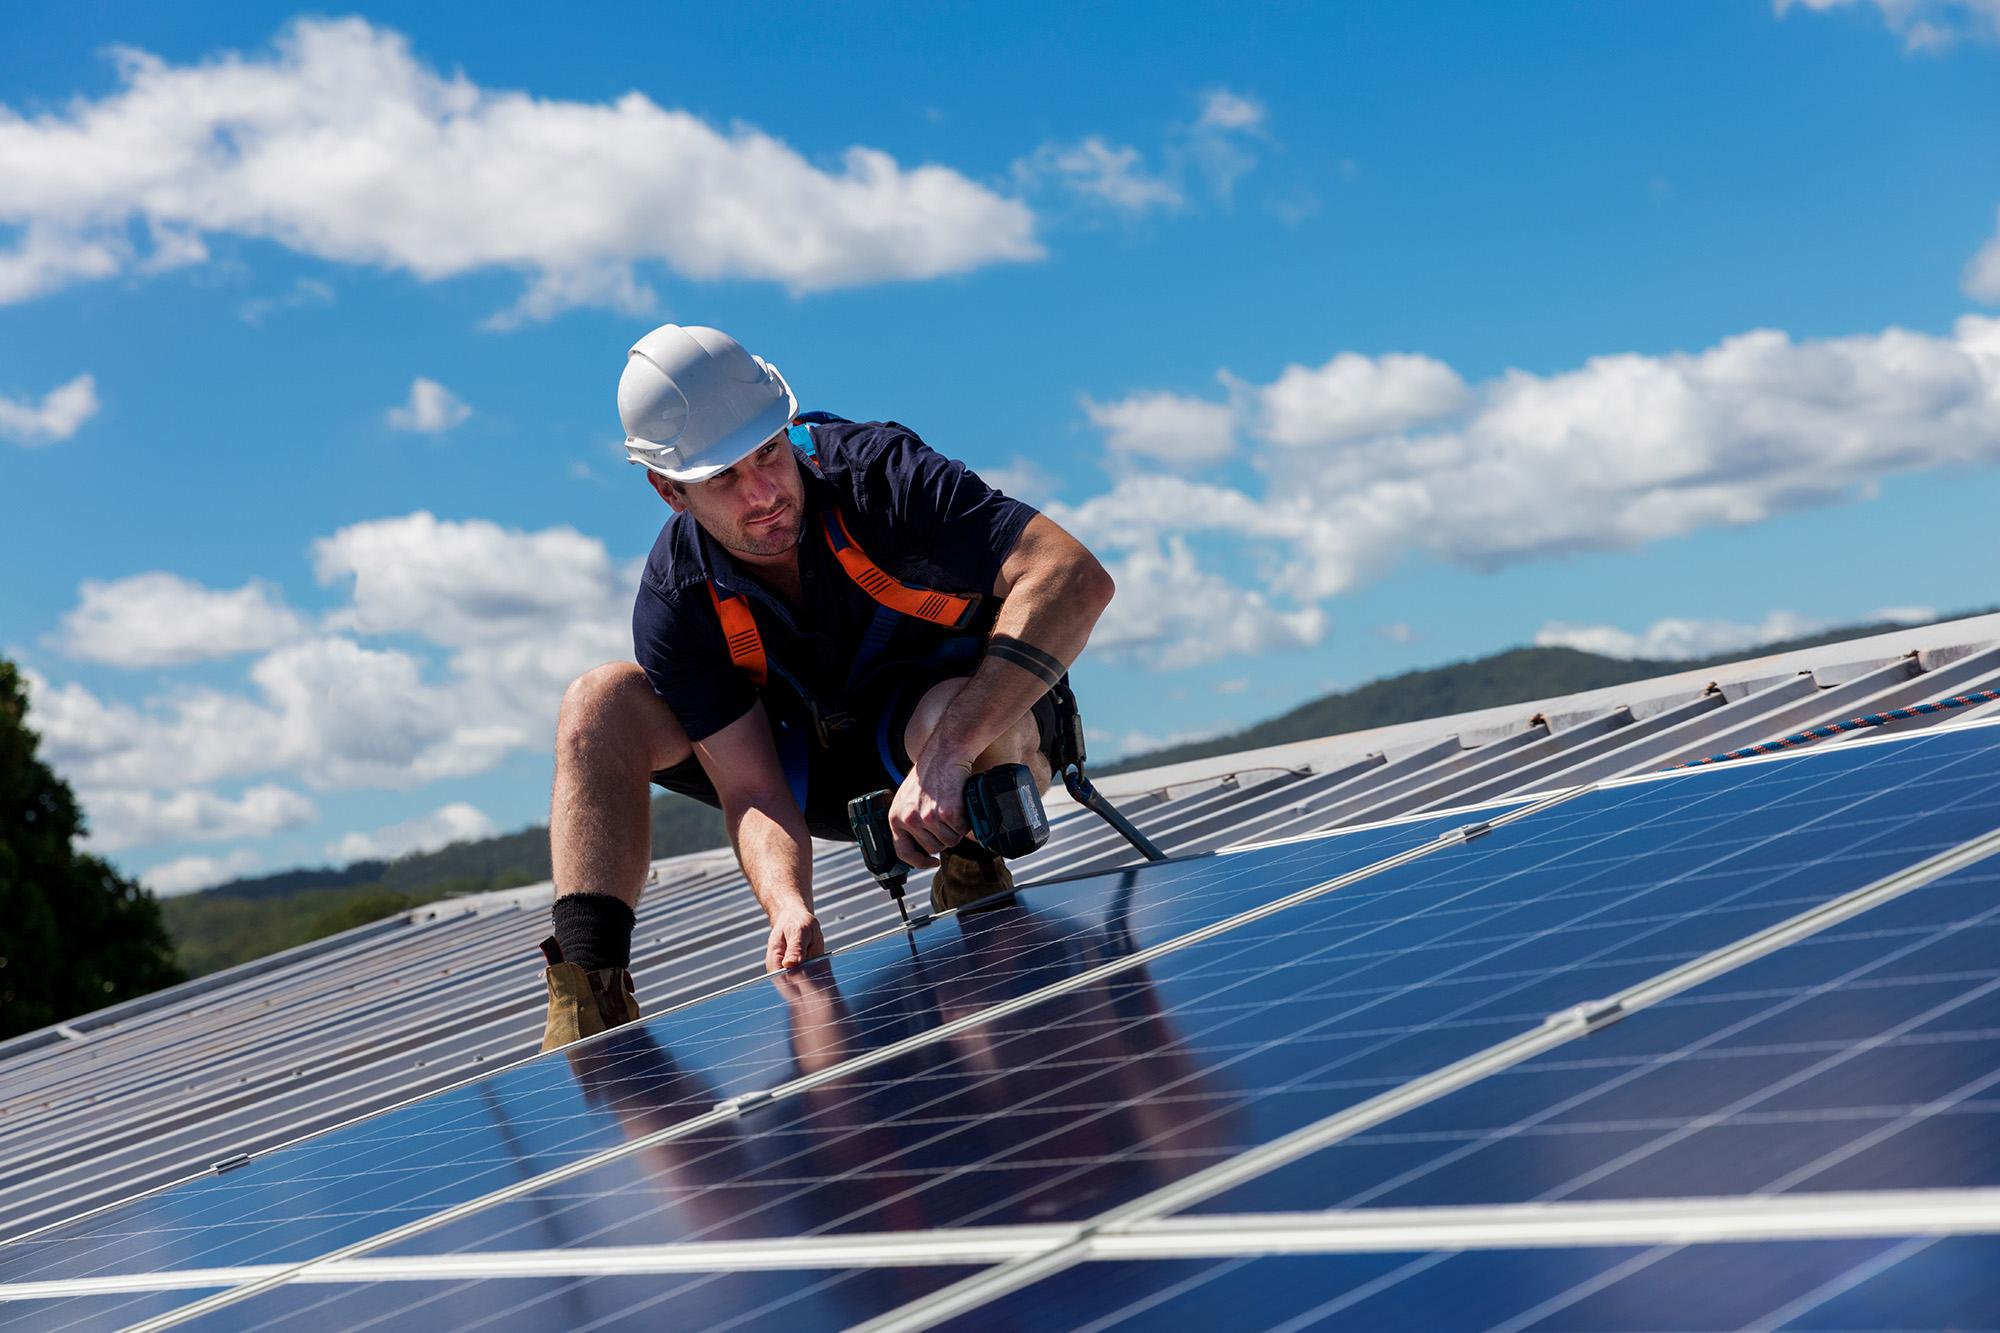 Un installateur sur un toit installe des panneaux photovoltaique SYSTOVI